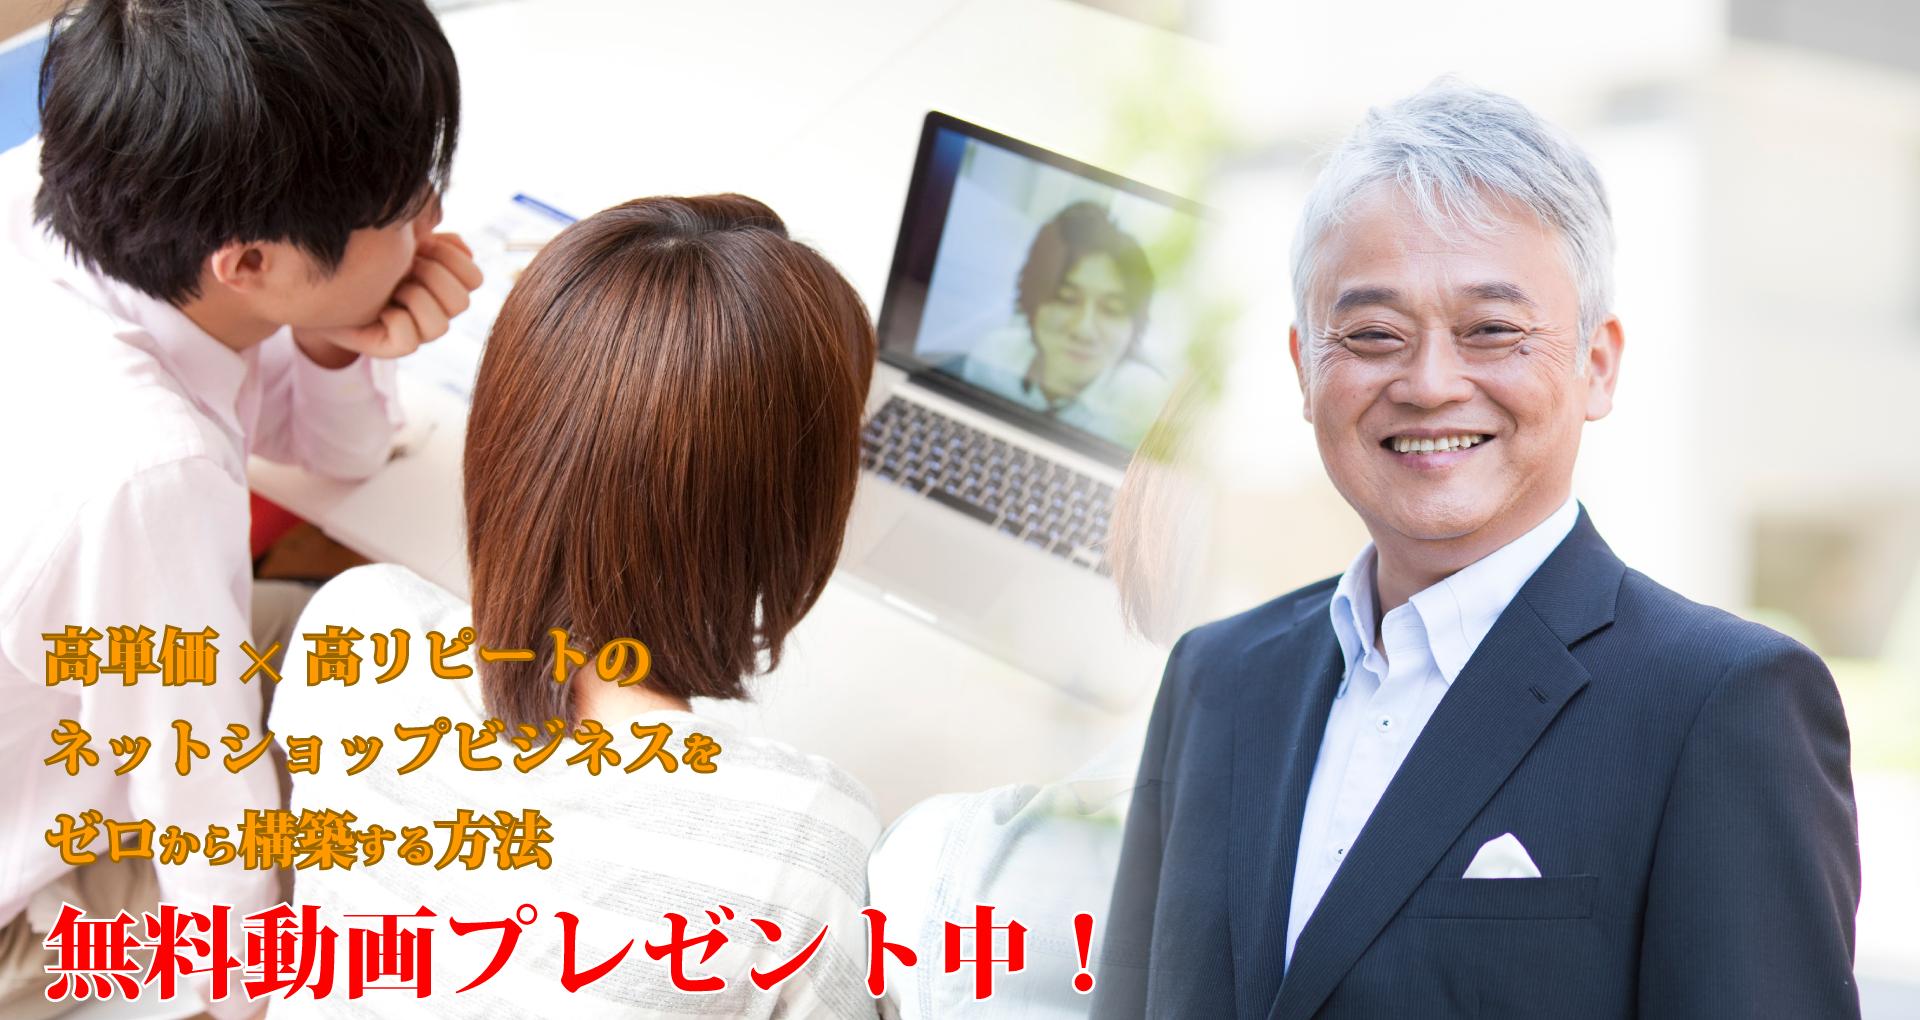 「高単価×高リピート」のネットショップビジネスをゼロから構築する方法 無料動画プレゼント中!